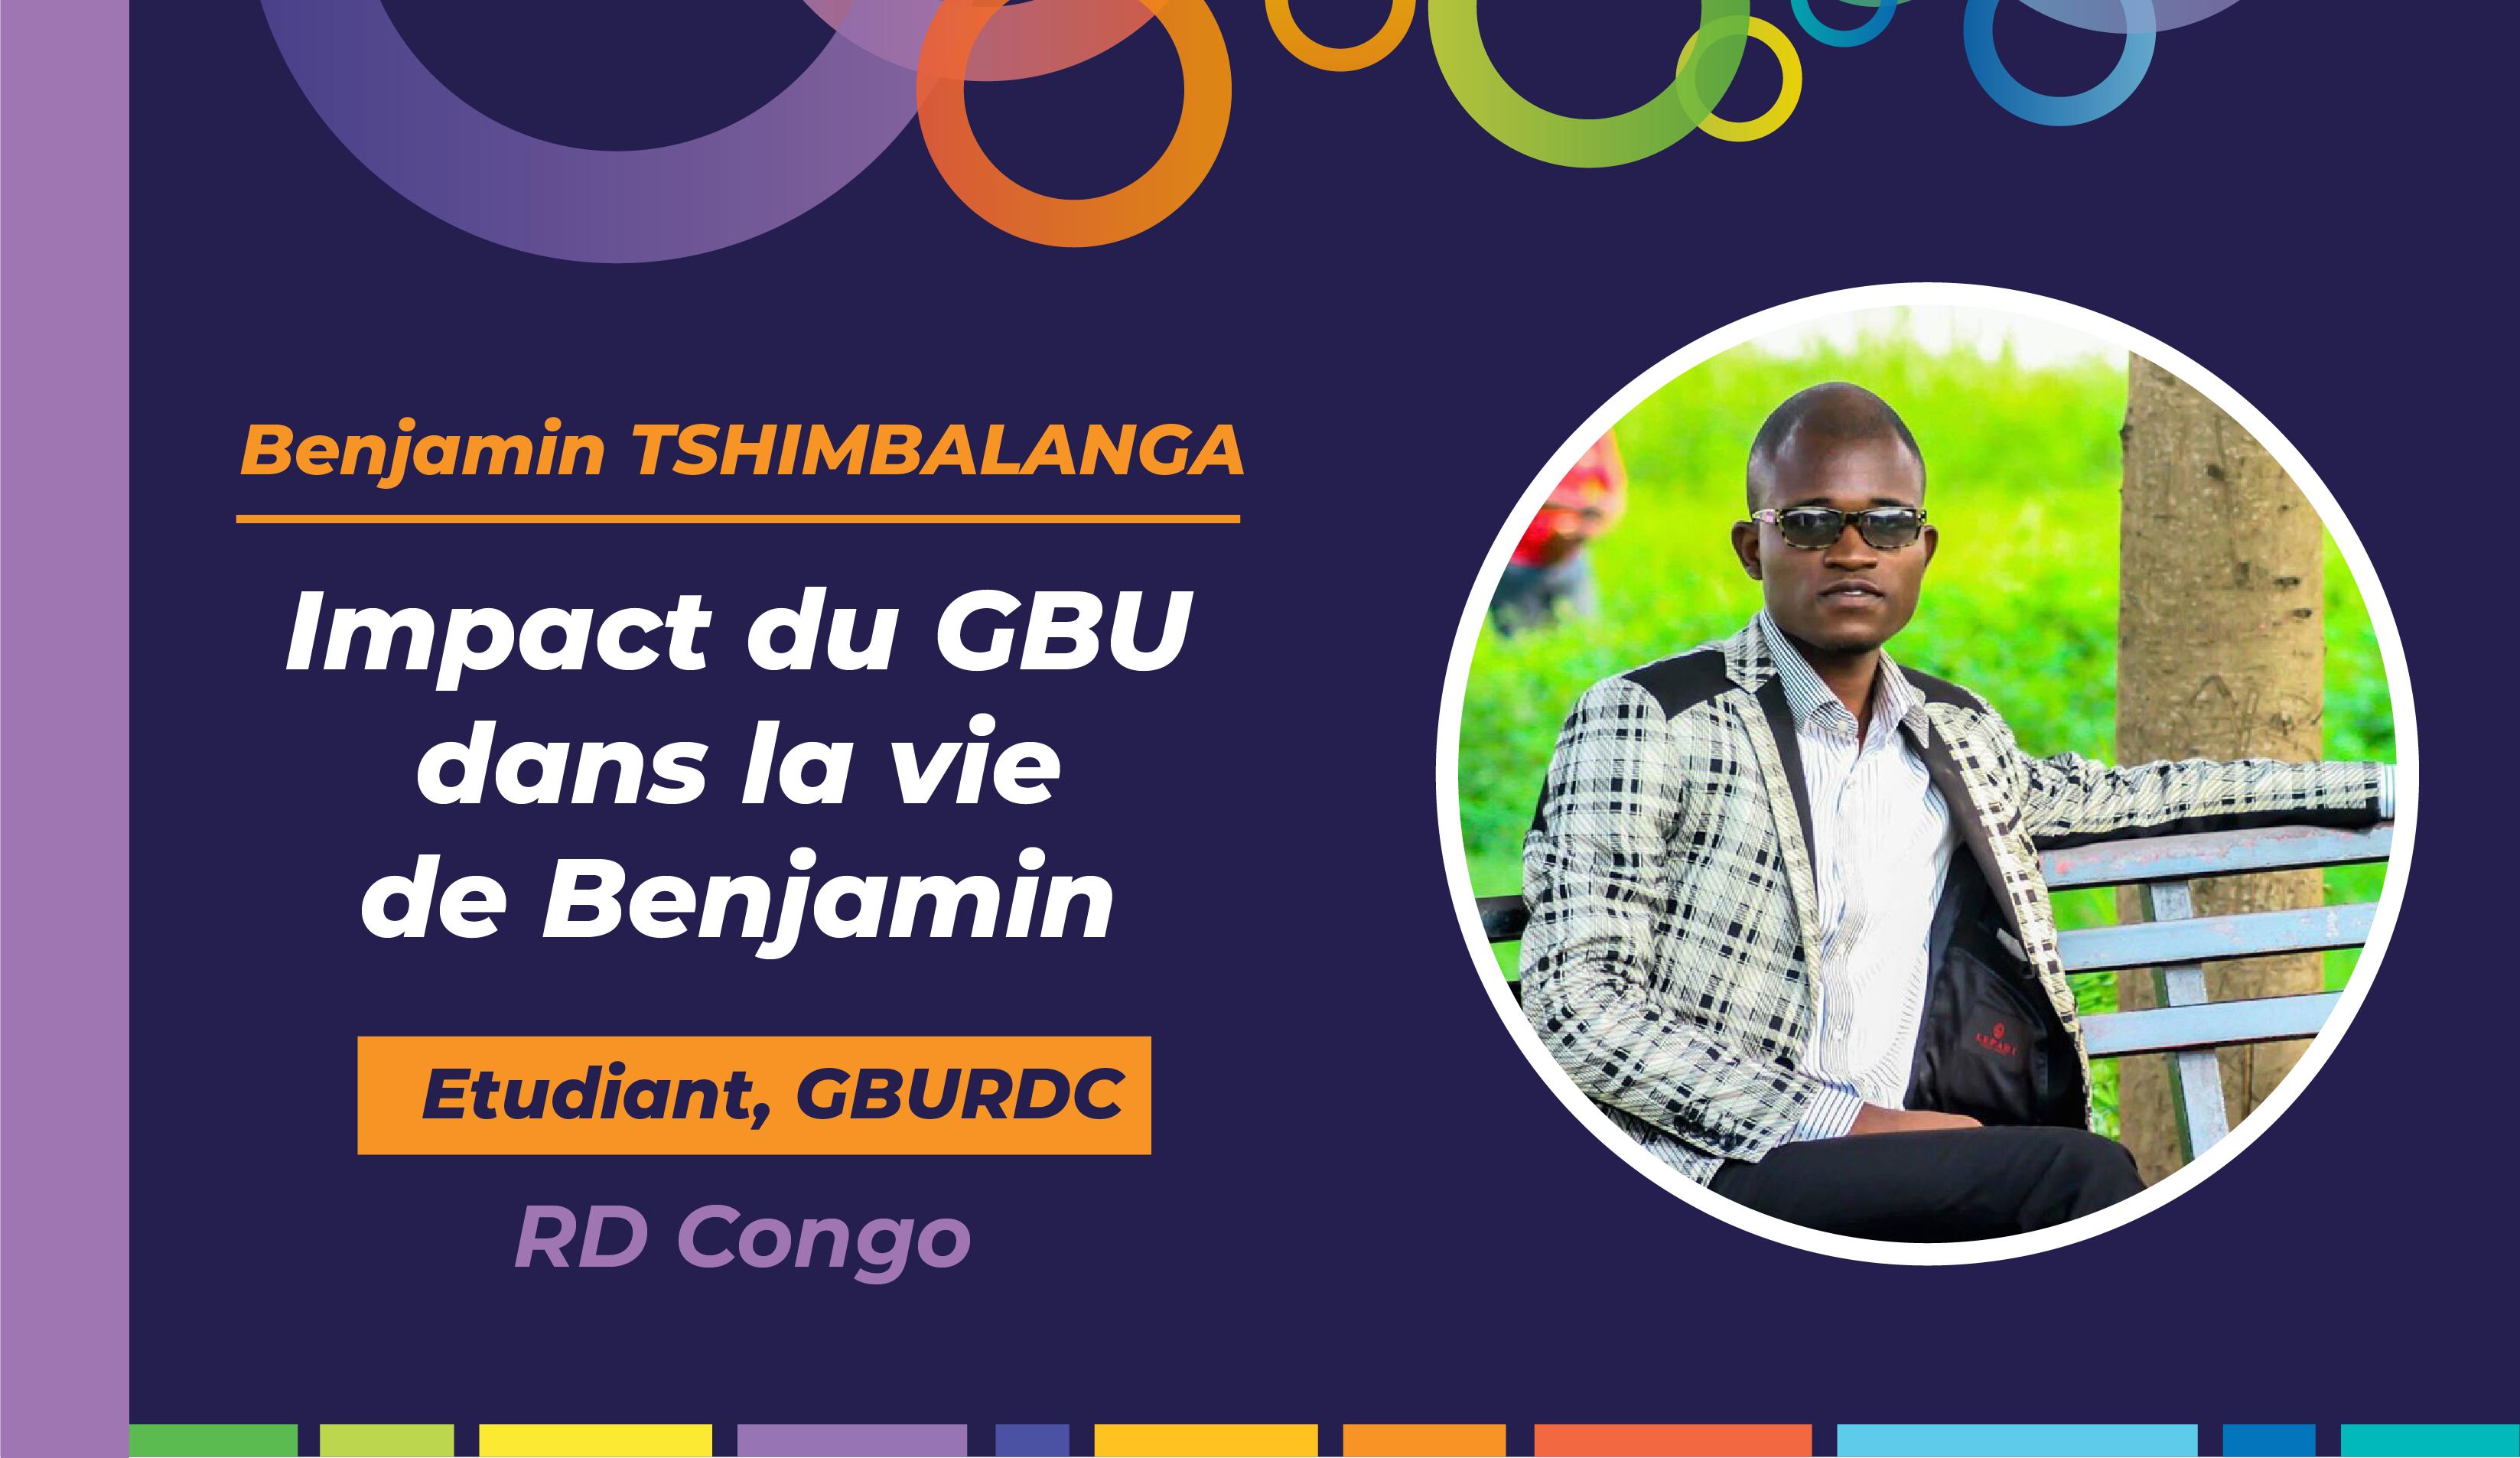 Impact du GBU dans la vie de l'étudiant Benjamin